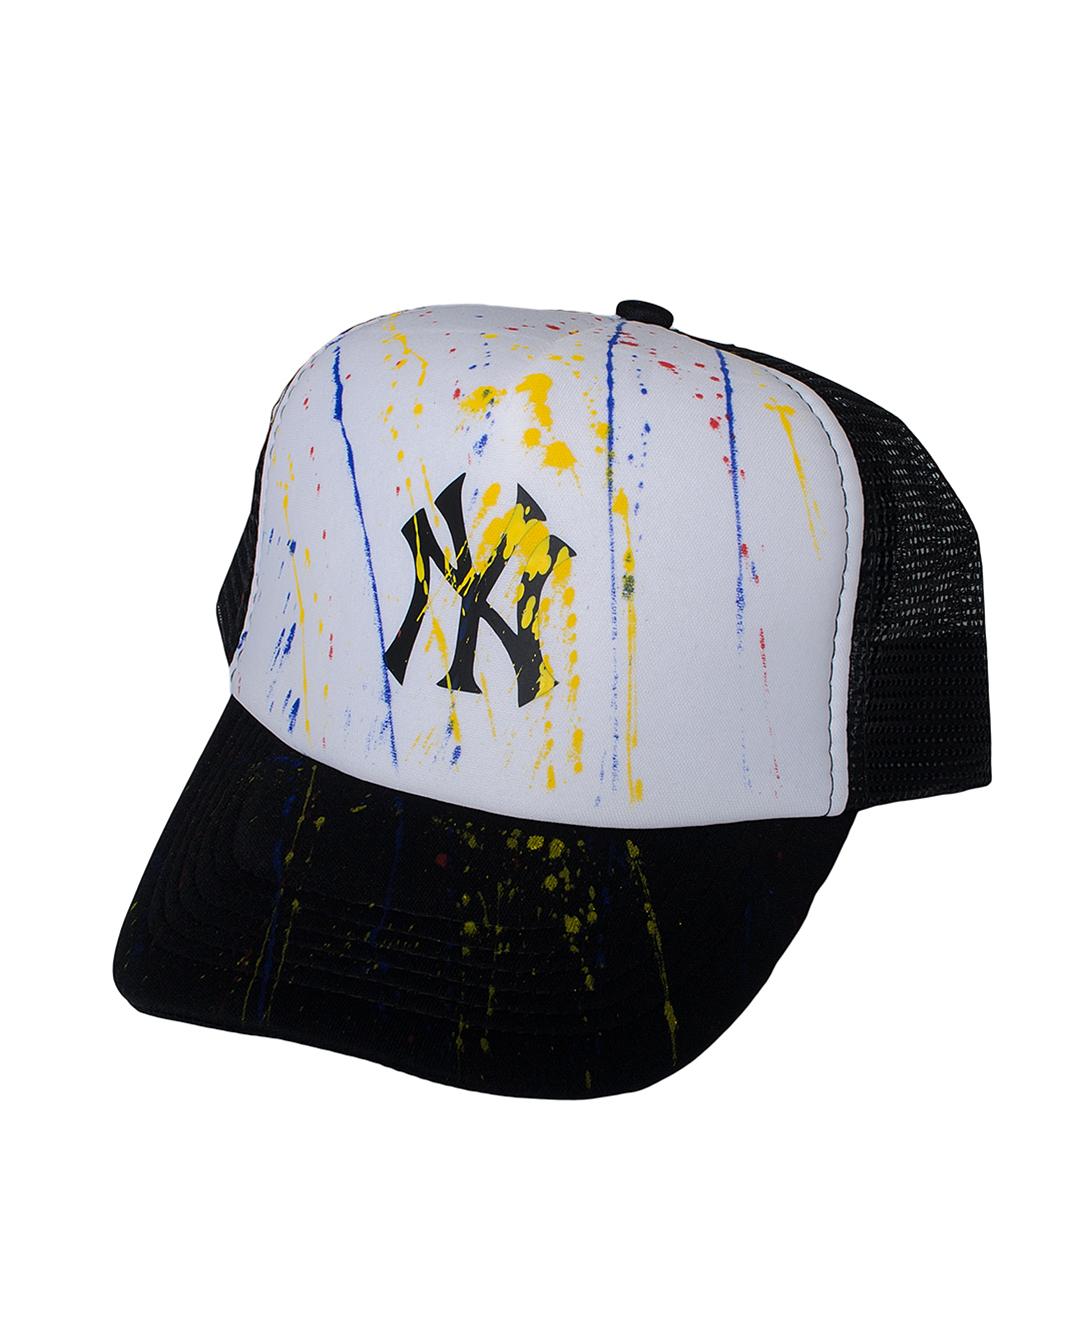 Ανδρικό Καπέλο Black Splash-Μαύρο αρχική αξεσουάρ καπέλα